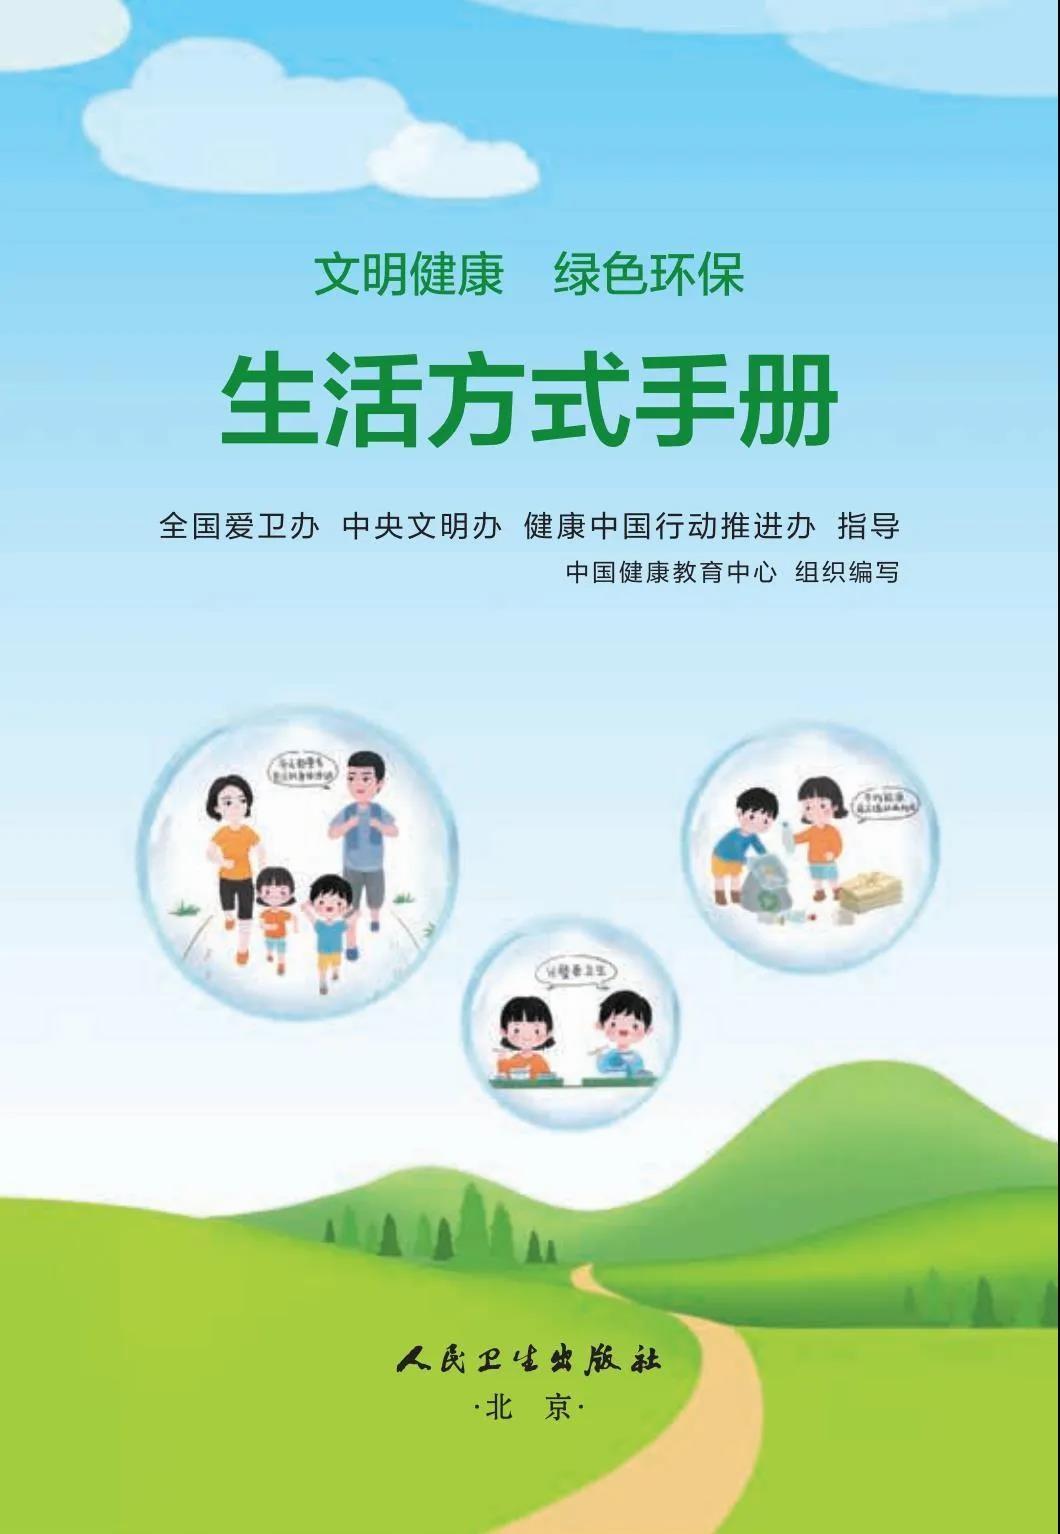 健康科普|《文明健康 绿色环保生活方式手册》【守绿色】